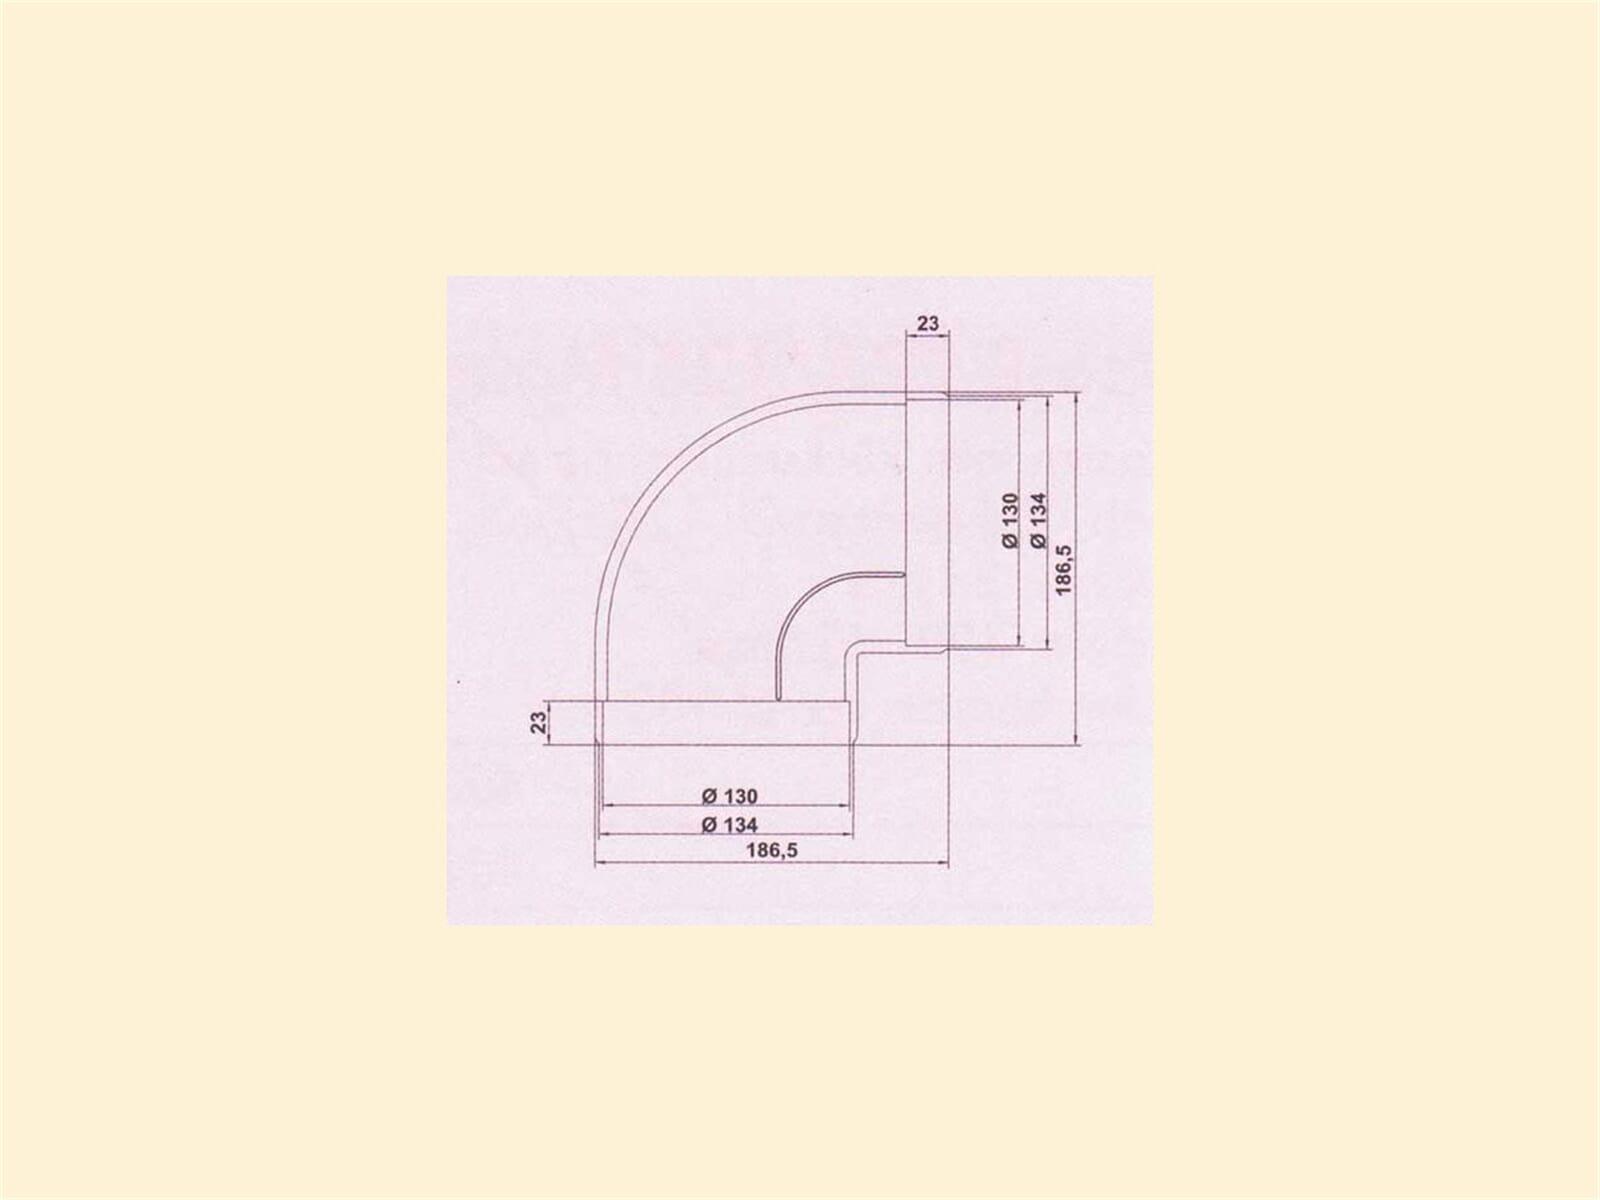 Compair 405.2.014 R-RBV Flow Rohrbogen 90°